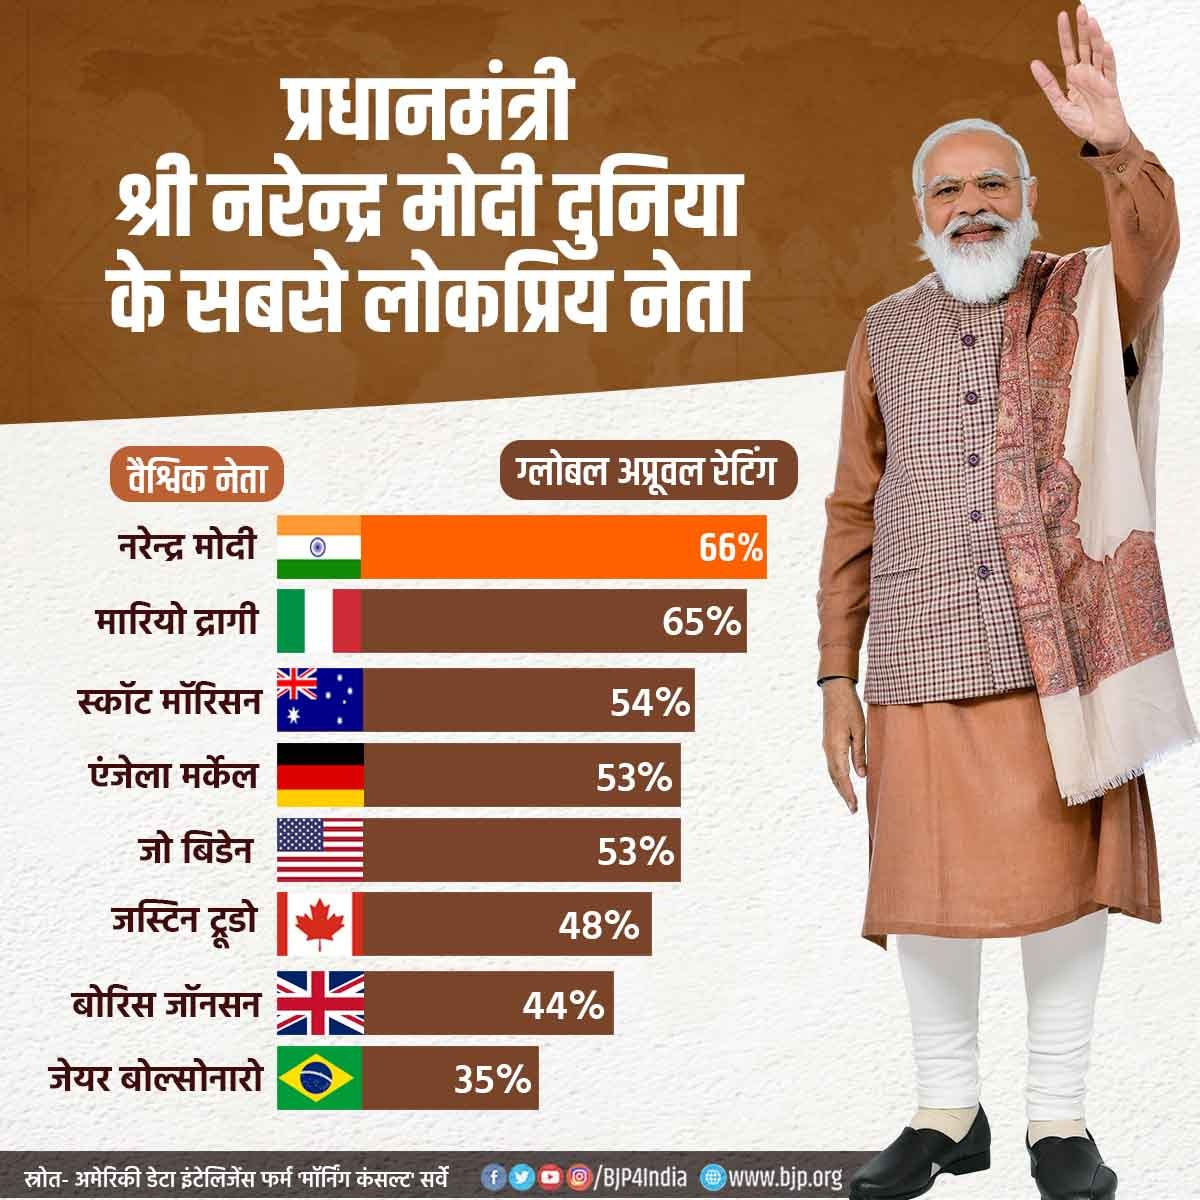 वैश्विक नेताओं की तुलना में सबसे अधिक लोकप्रिय हैं प्रधानमंत्री श्री @narendramodi, 66 फीसदी ग्लोबल अप्रूवल रेटिंग के साथ पहले पायदान पर।  पीएम मोदी के नेतृत्व में देश आत्मनिर्भर भारत बनने की ओर अग्रसर है। https://t.co/Lr7J2OoPfQ